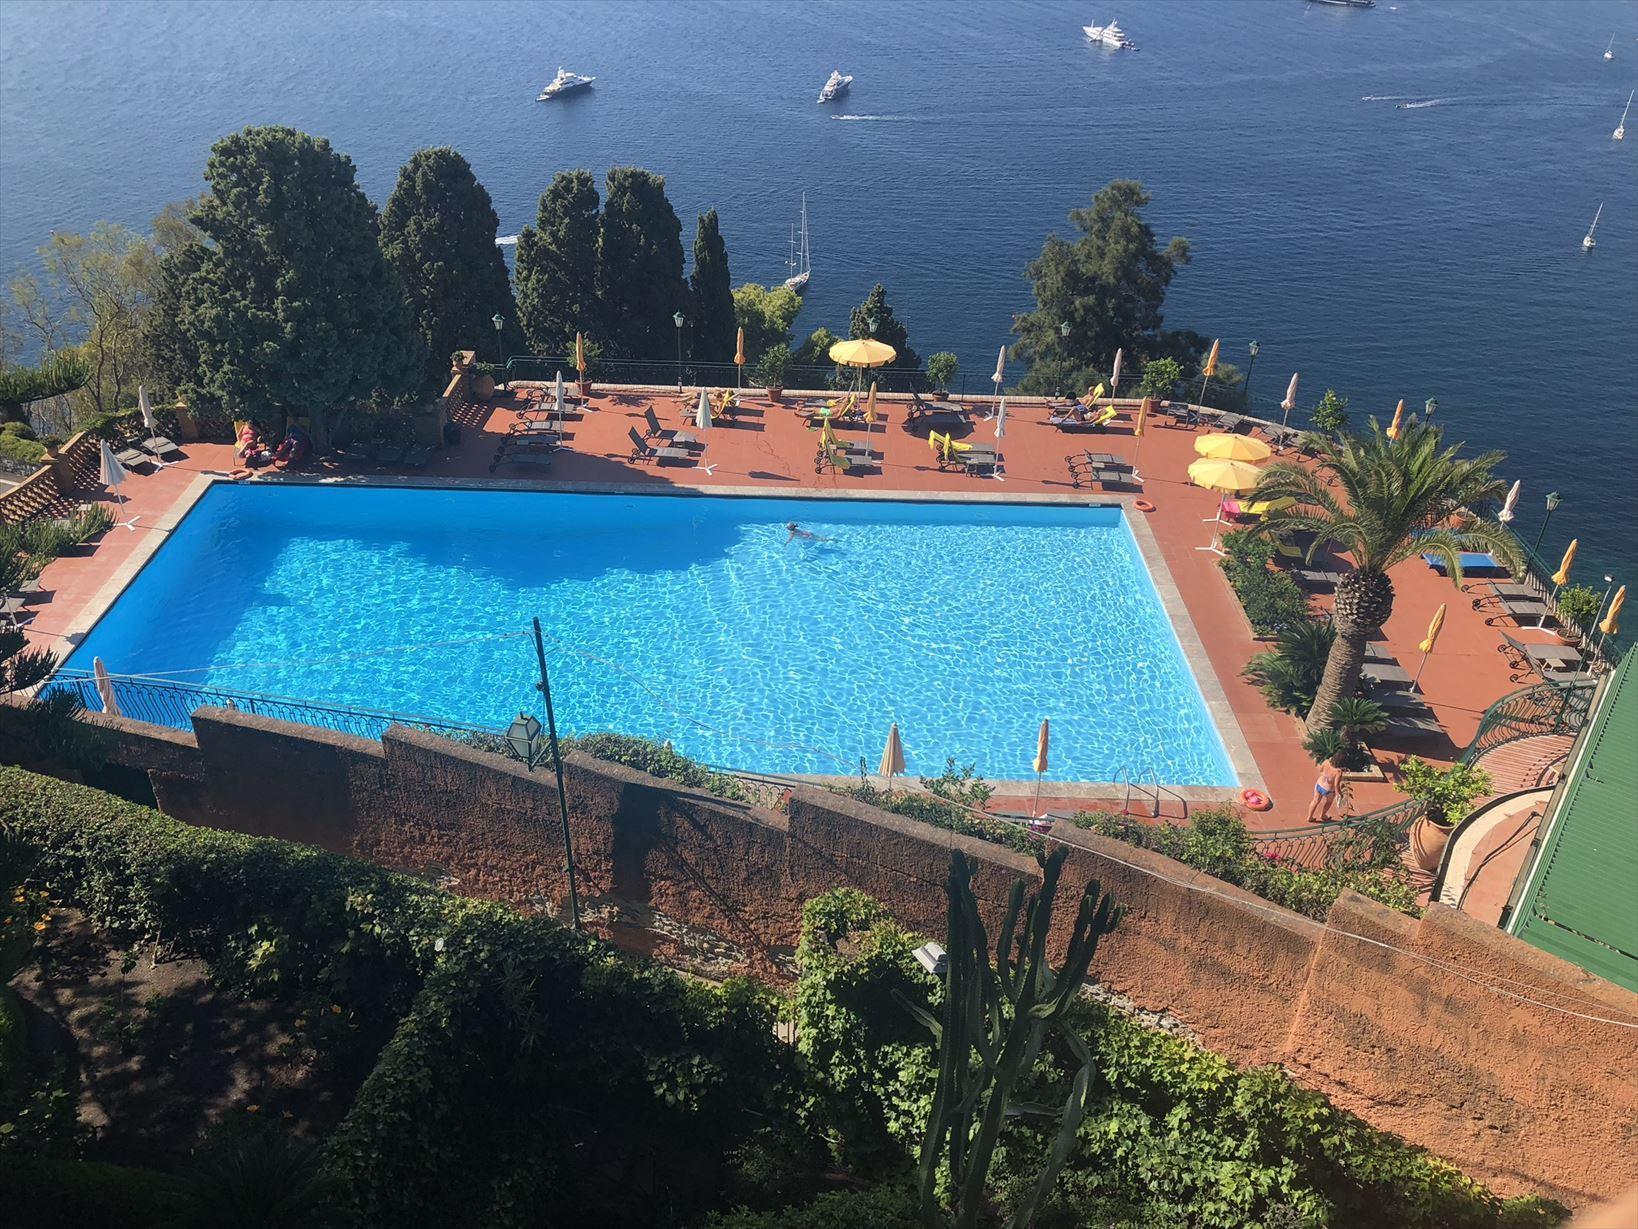 シチリア/41 タオルミーナのホテル Villa Diodoro_a0092659_18120920.jpg